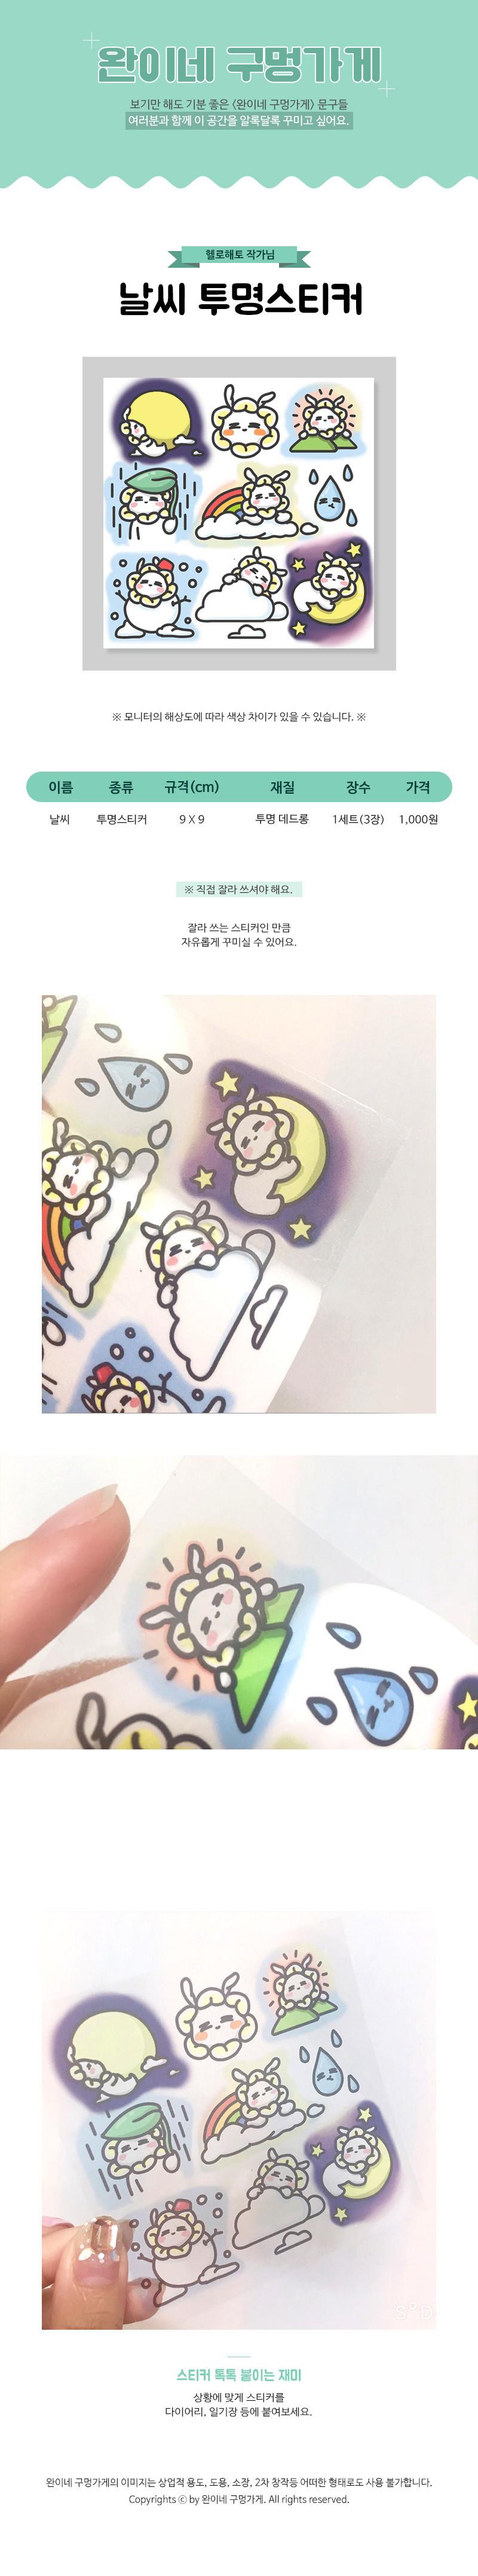 sticker189